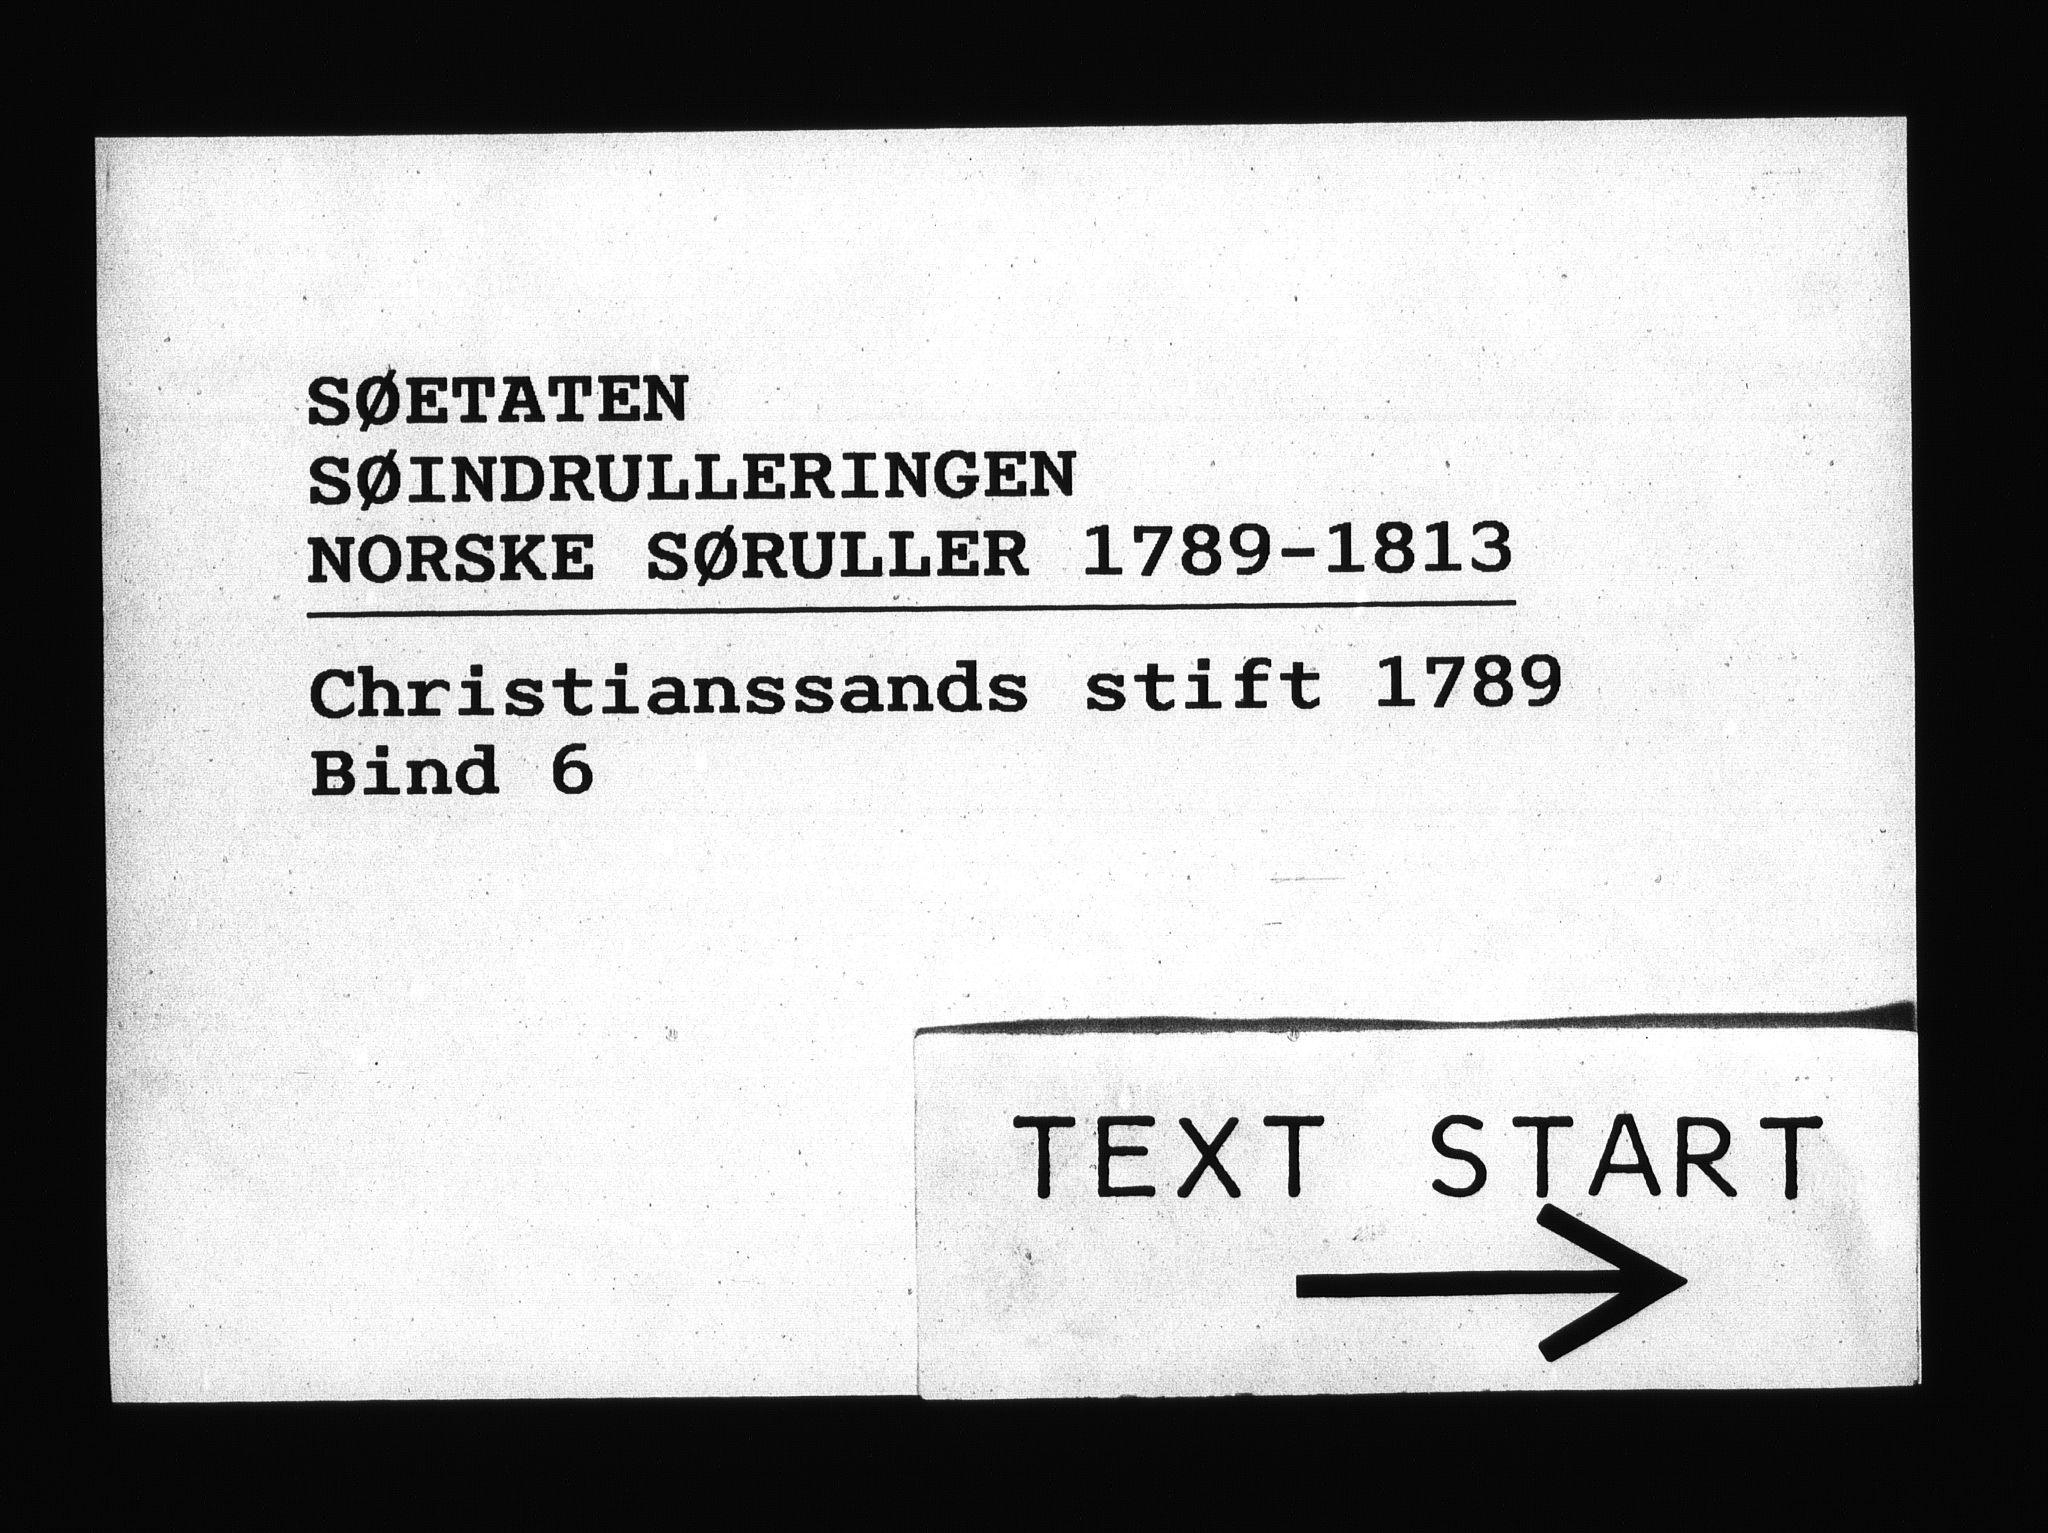 RA, Sjøetaten, F/L0013: Kristiansand stift, bind 6, 1789